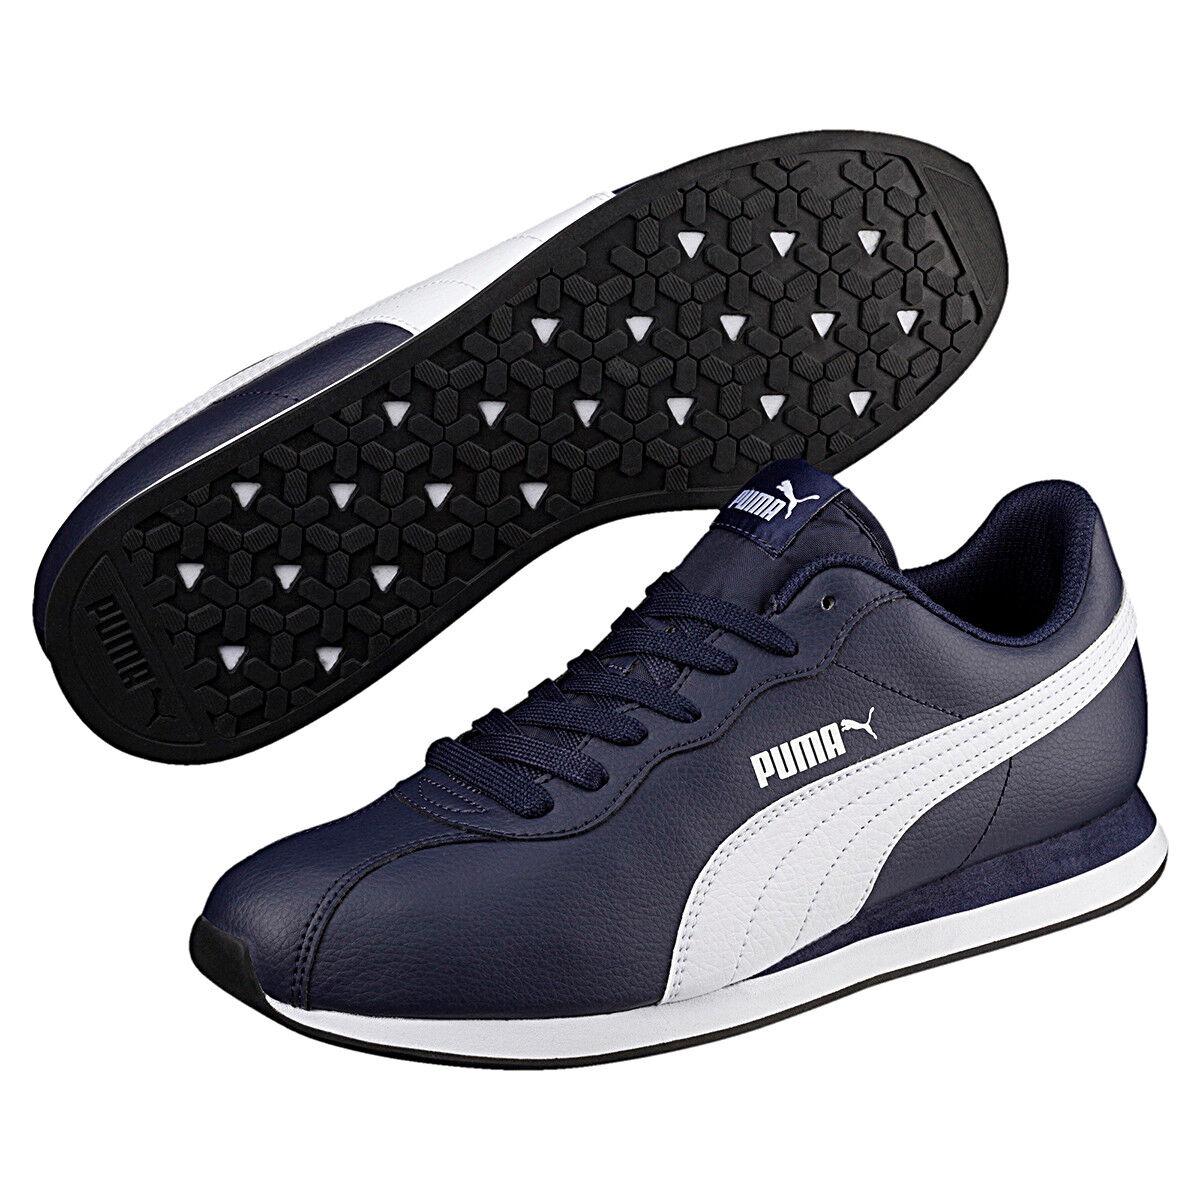 Puma Turin II Zapatillas Estilo Deportivas para Hombre Azul 366962 05